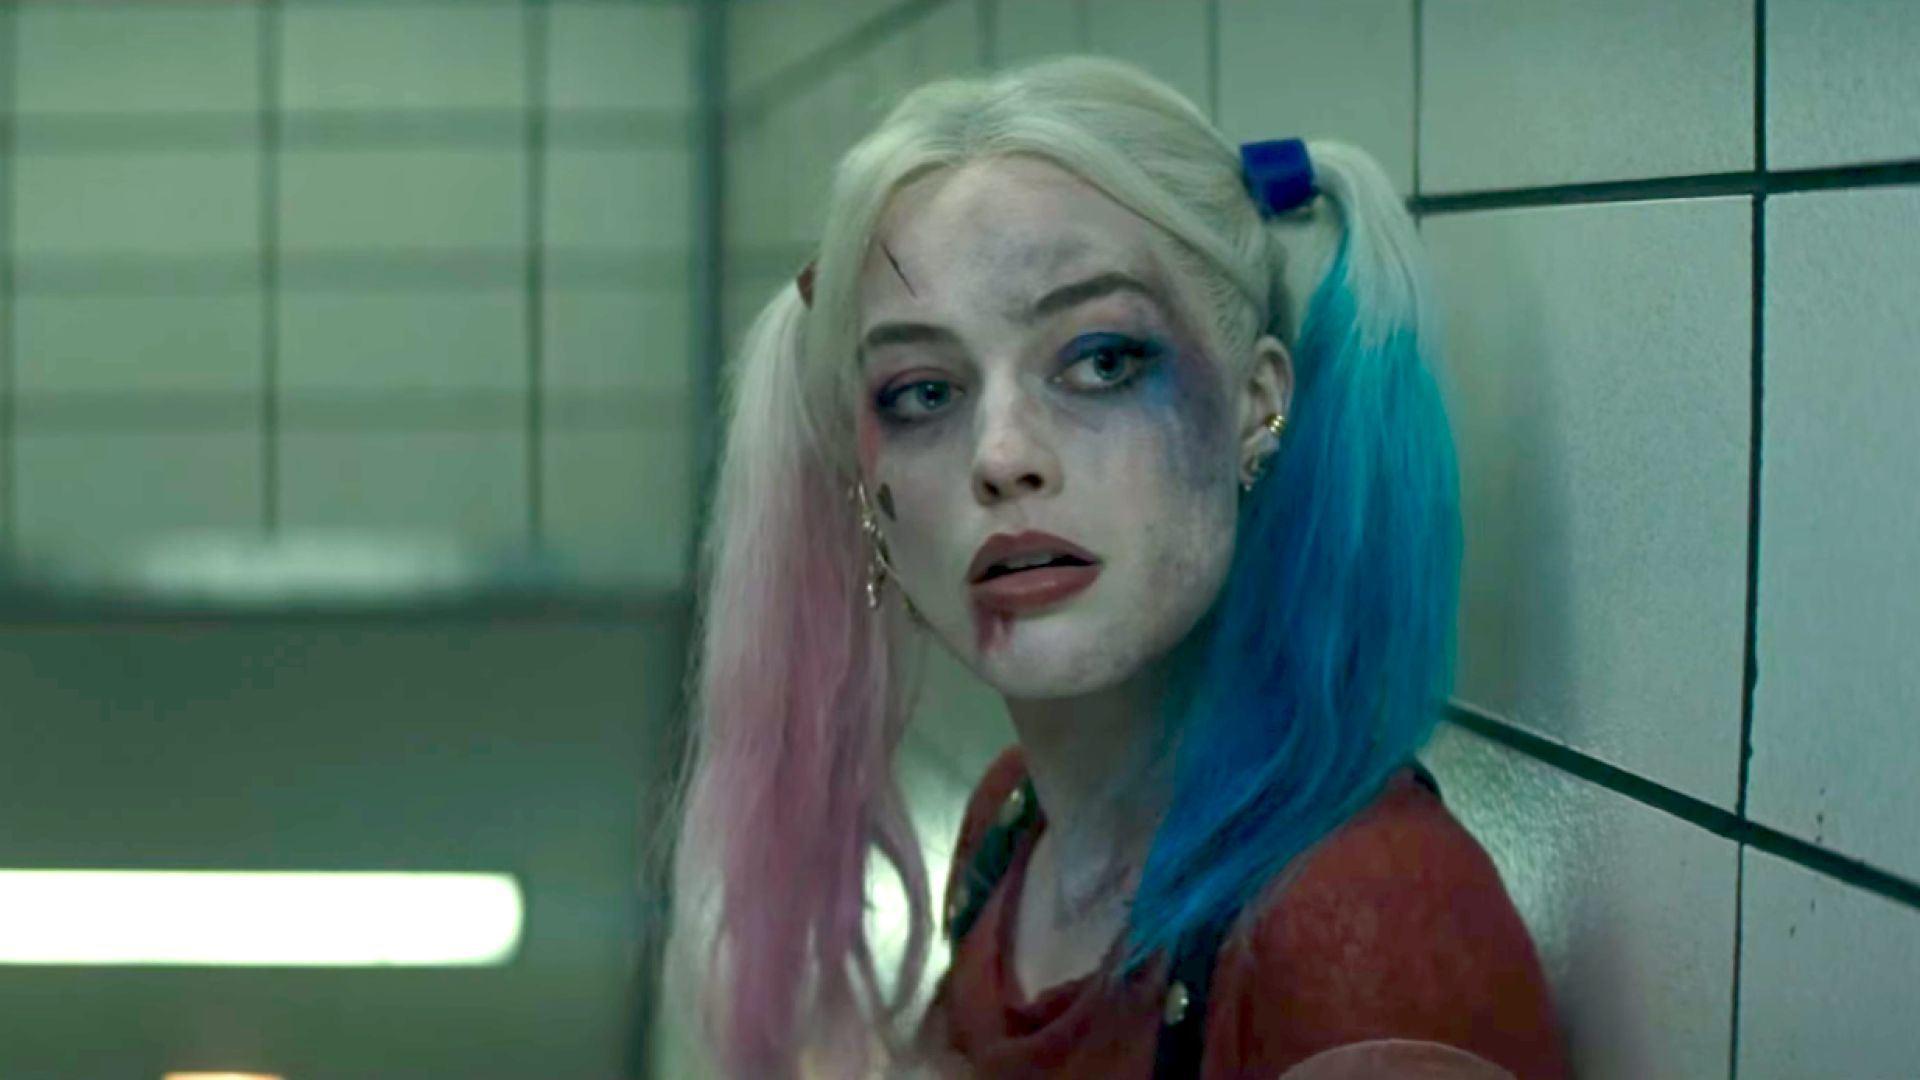 Harley Quinn  Le film solo avec Margot Robbie arrive bientôt !